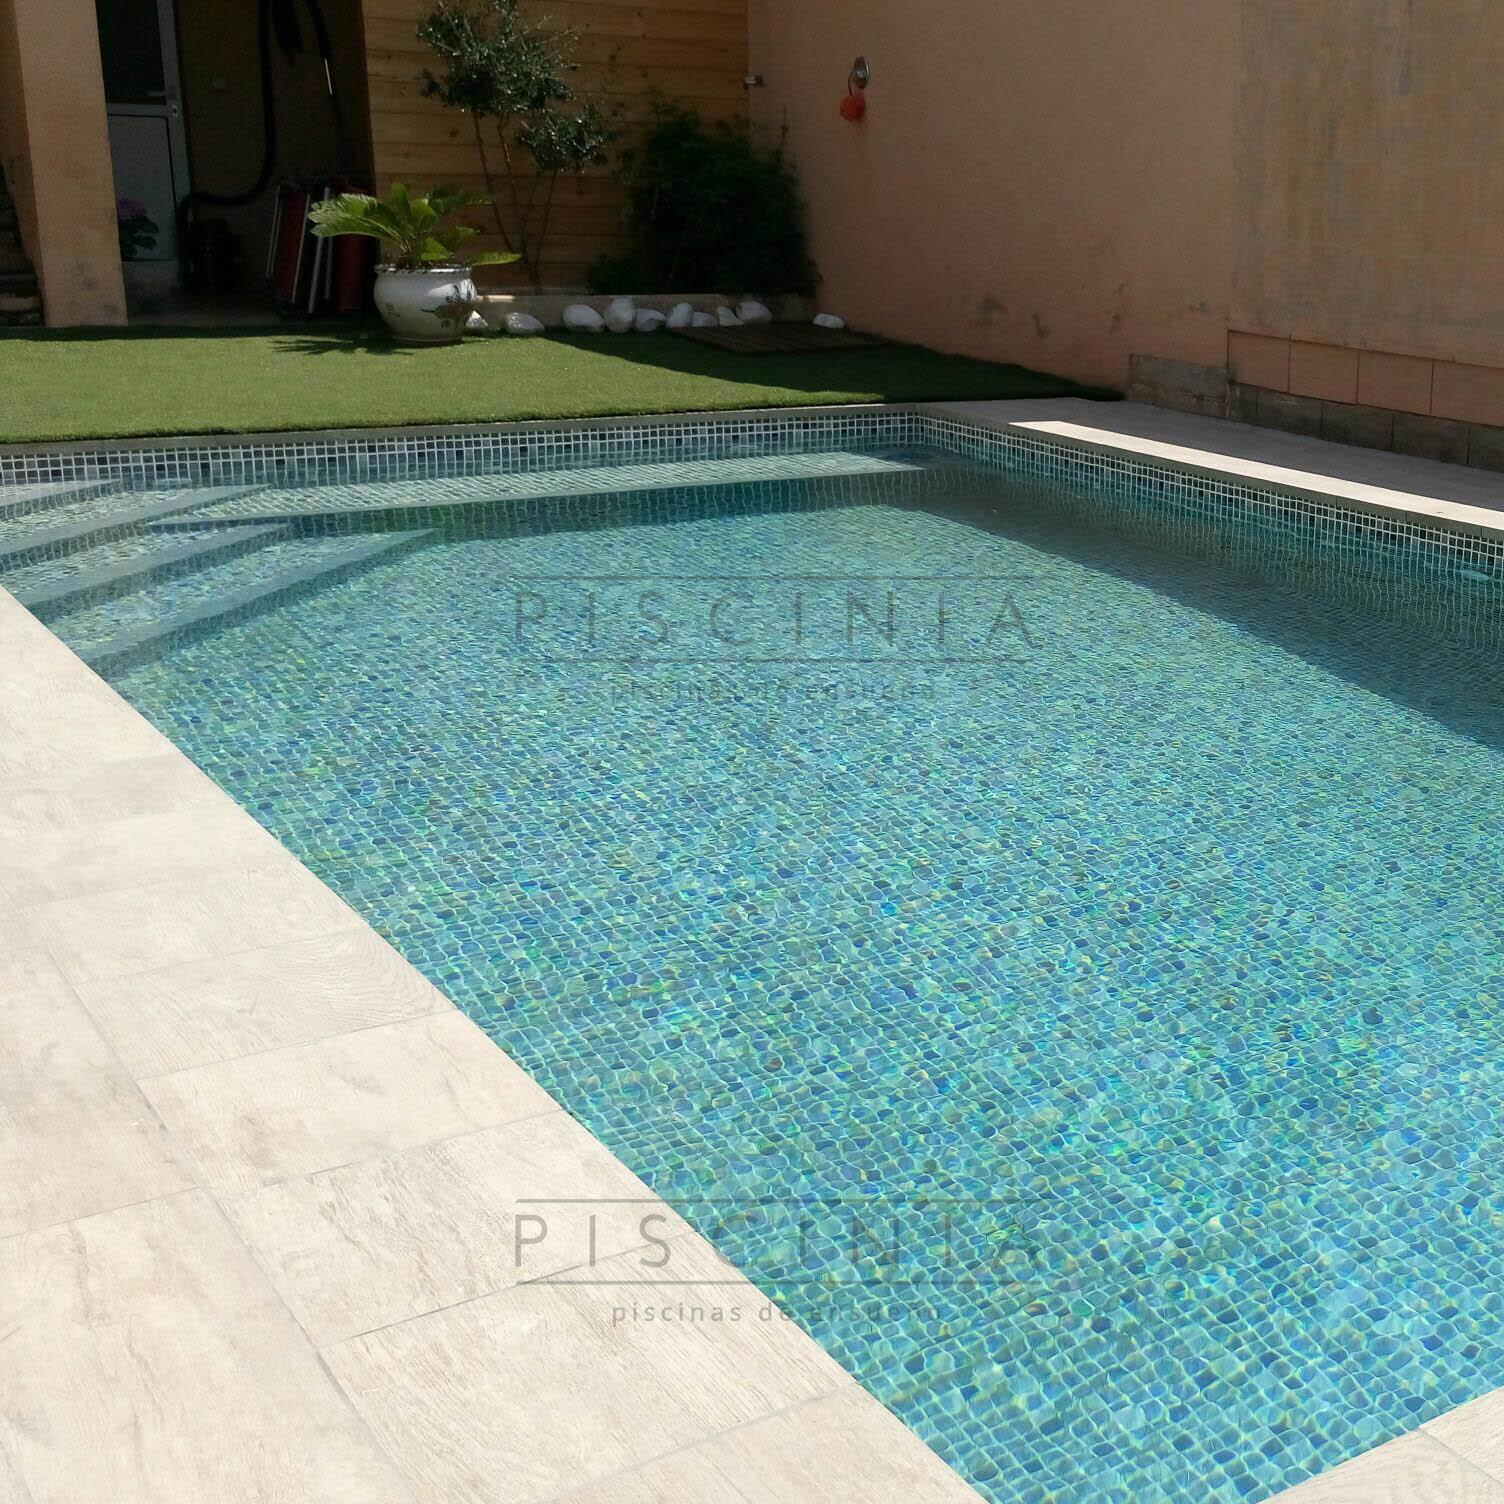 Construir una piscina de hormigón: ¿cómo se hace?